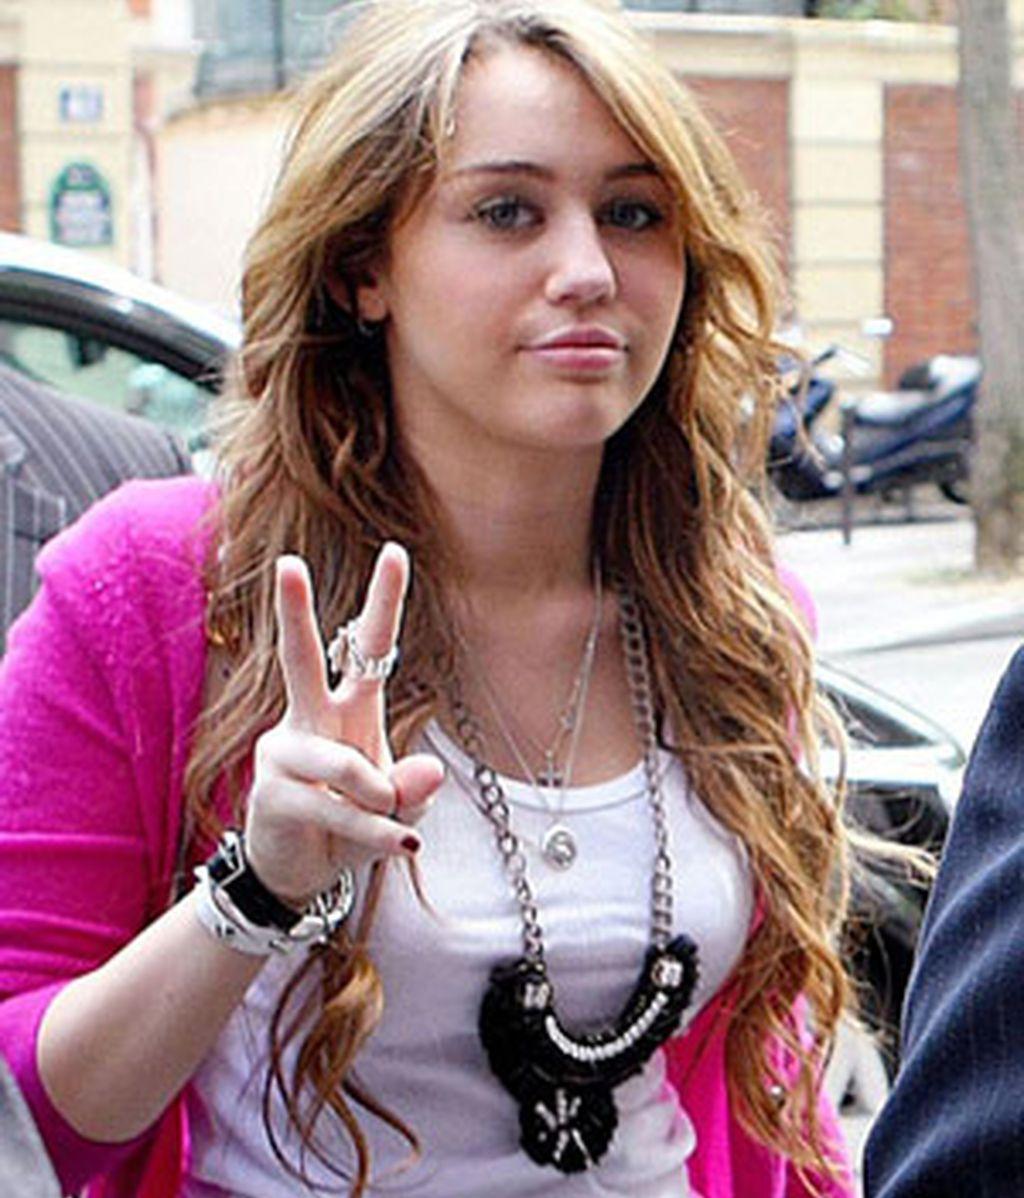 Miley Cyrus borró su cuenta en Twitter hace pocas semanas bajo petición de su novio porque éste la aconsejaba que mantuviera su vida personal al margen.